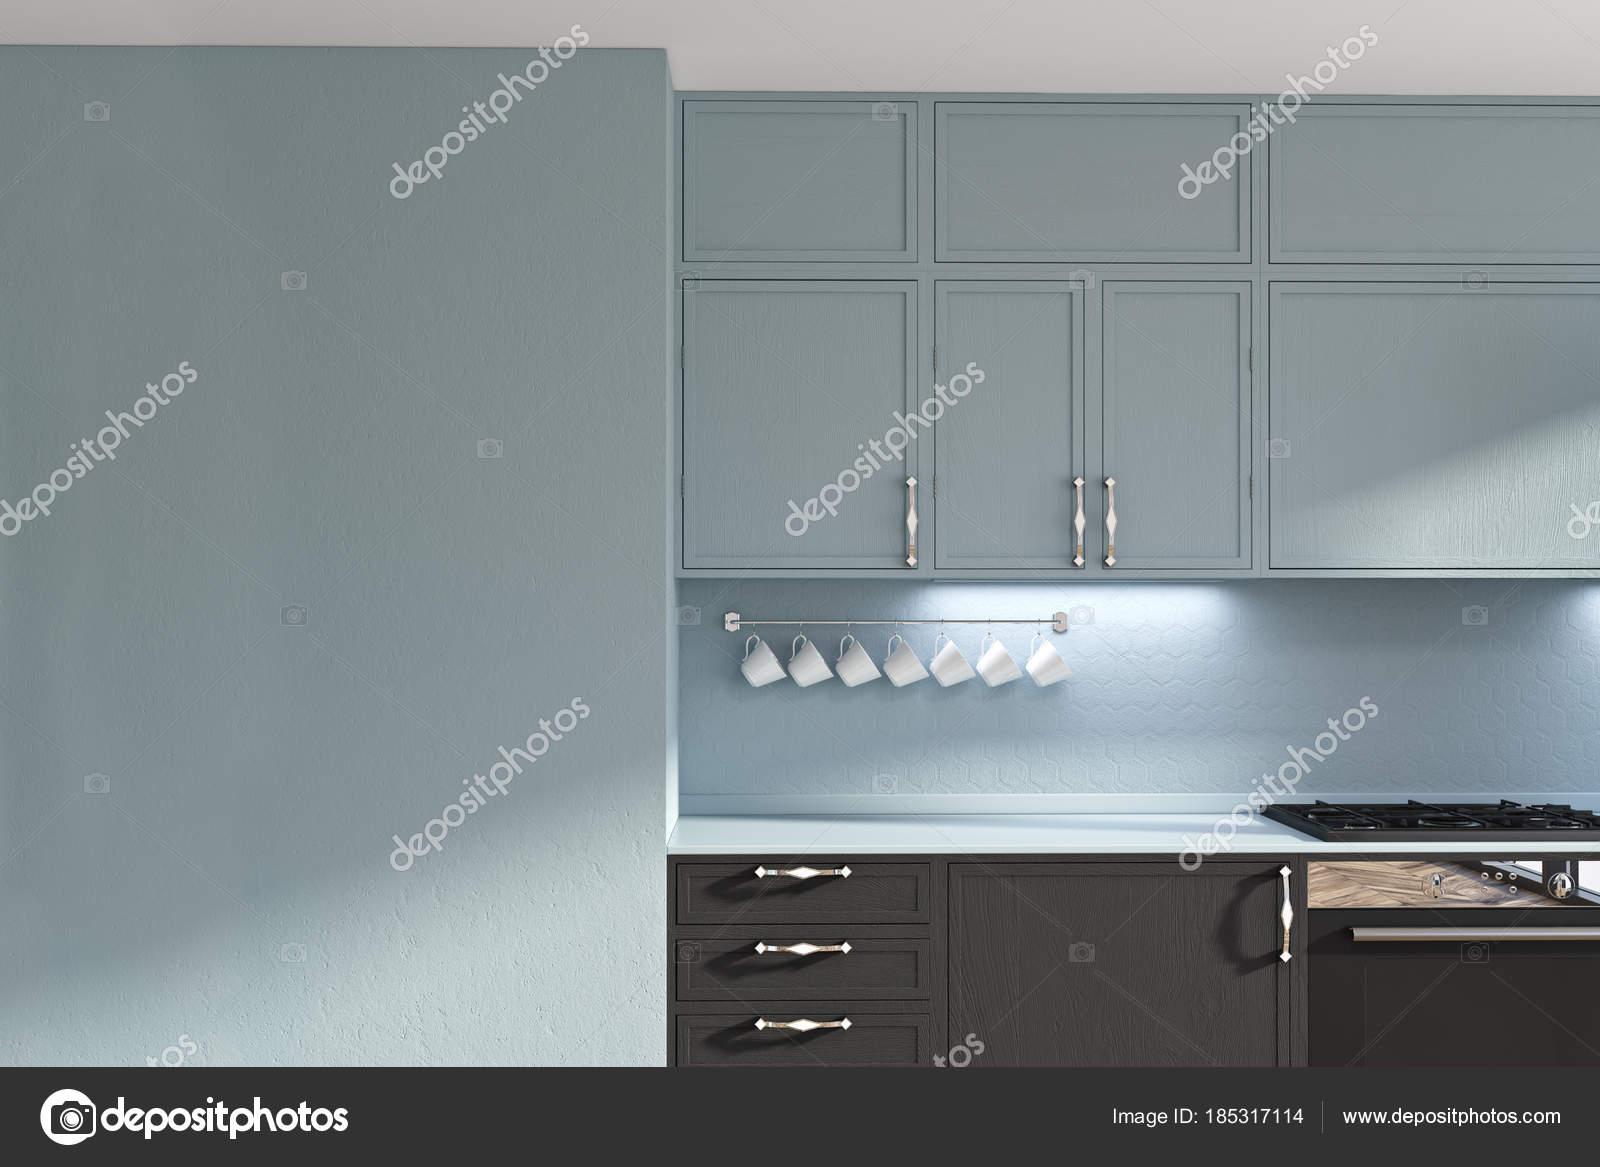 Zwarte Keuken Ideeen : Grijze en zwarte originele keuken idee muur u2014 stockfoto